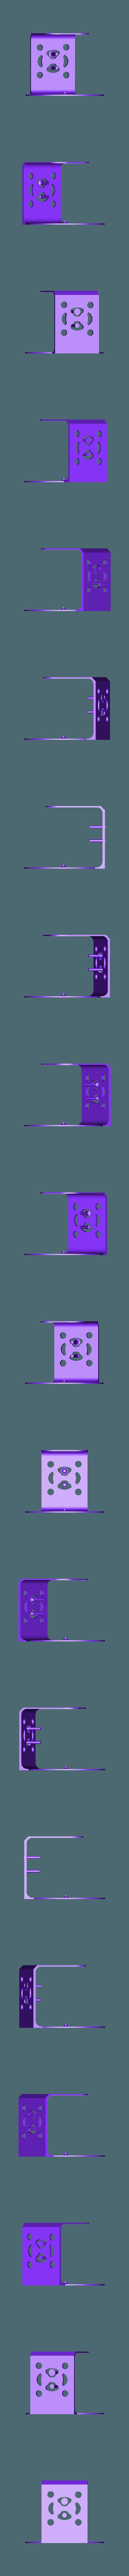 Coin_Photography_Stand.stl Télécharger fichier STL gratuit Stand de photographie de pièces de monnaie • Design pour imprimante 3D, briandragtstra